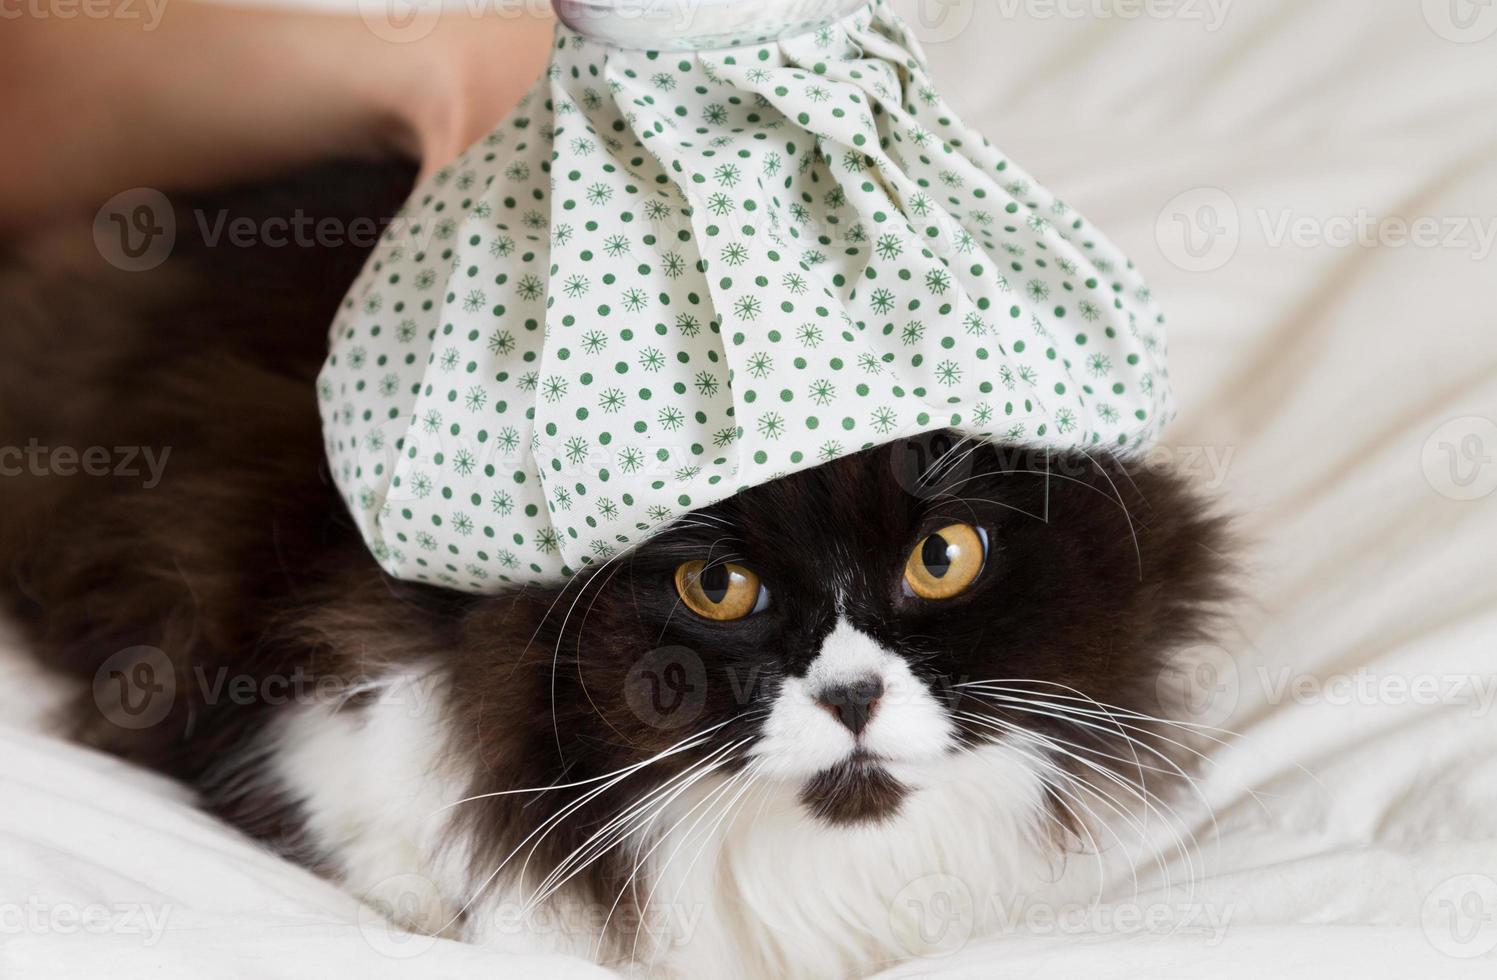 chat noir et blanc avec une bouteille d'eau à motifs sur la tête photo